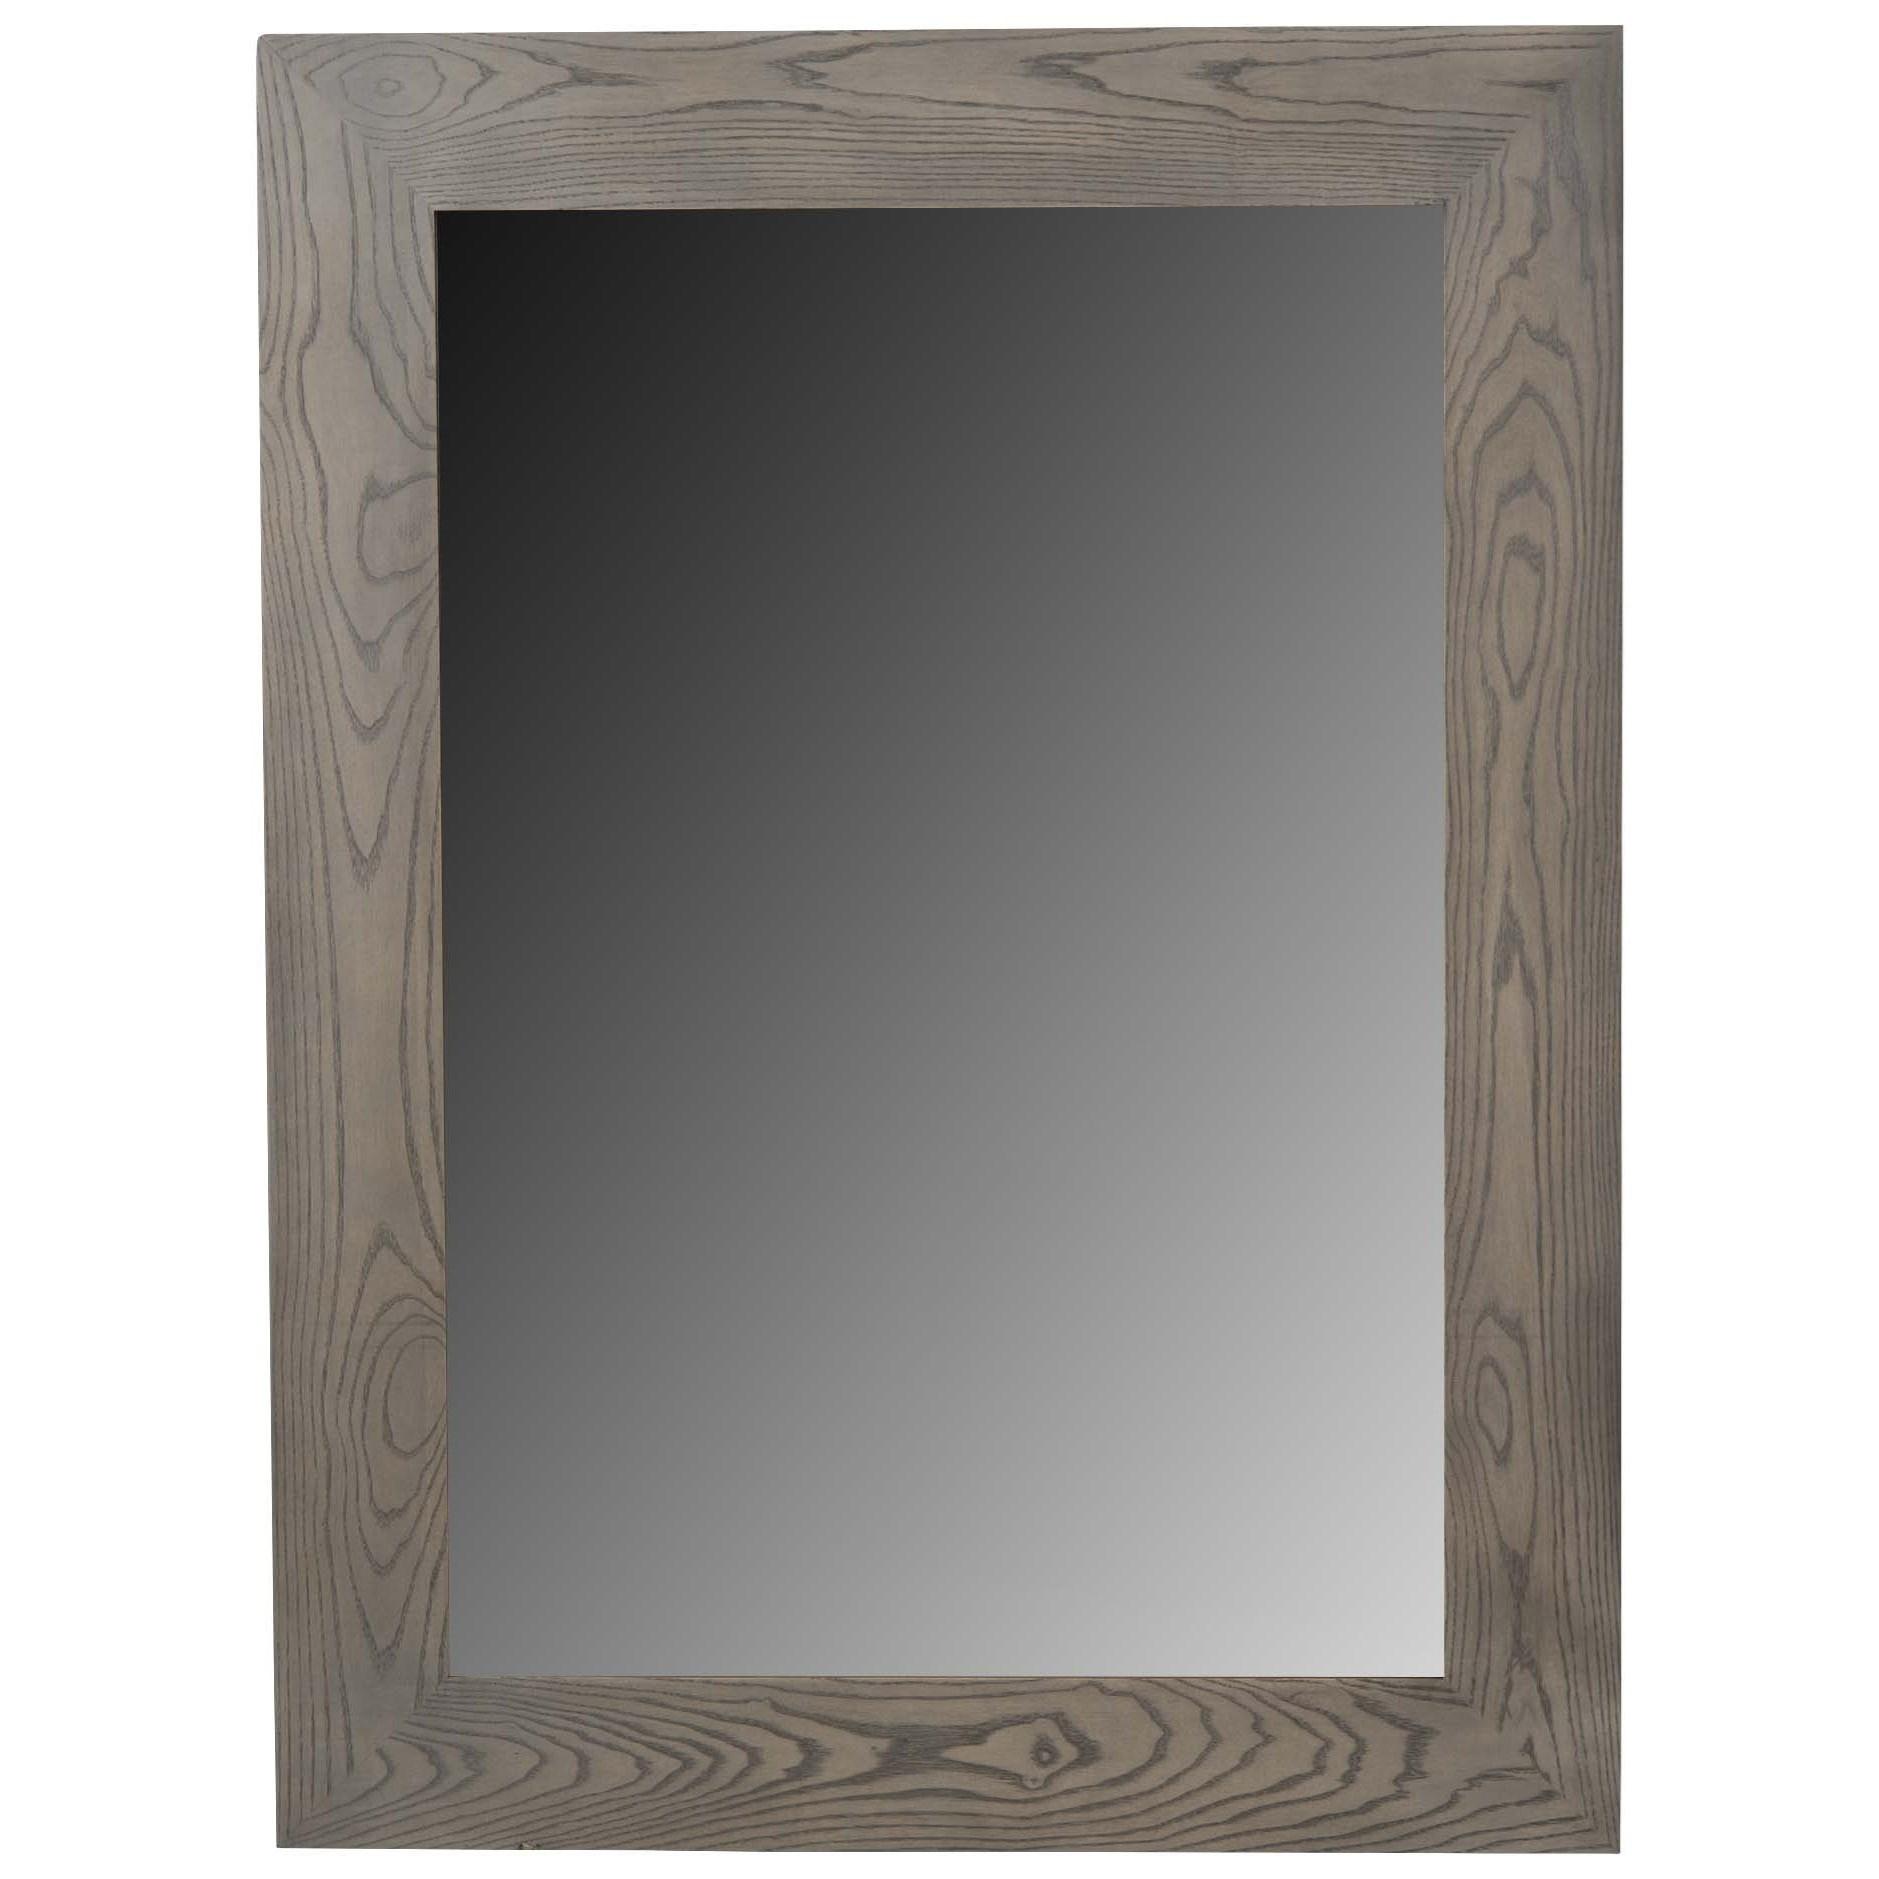 Greenbrier Dartmoor Mirror - Item Number: 82435